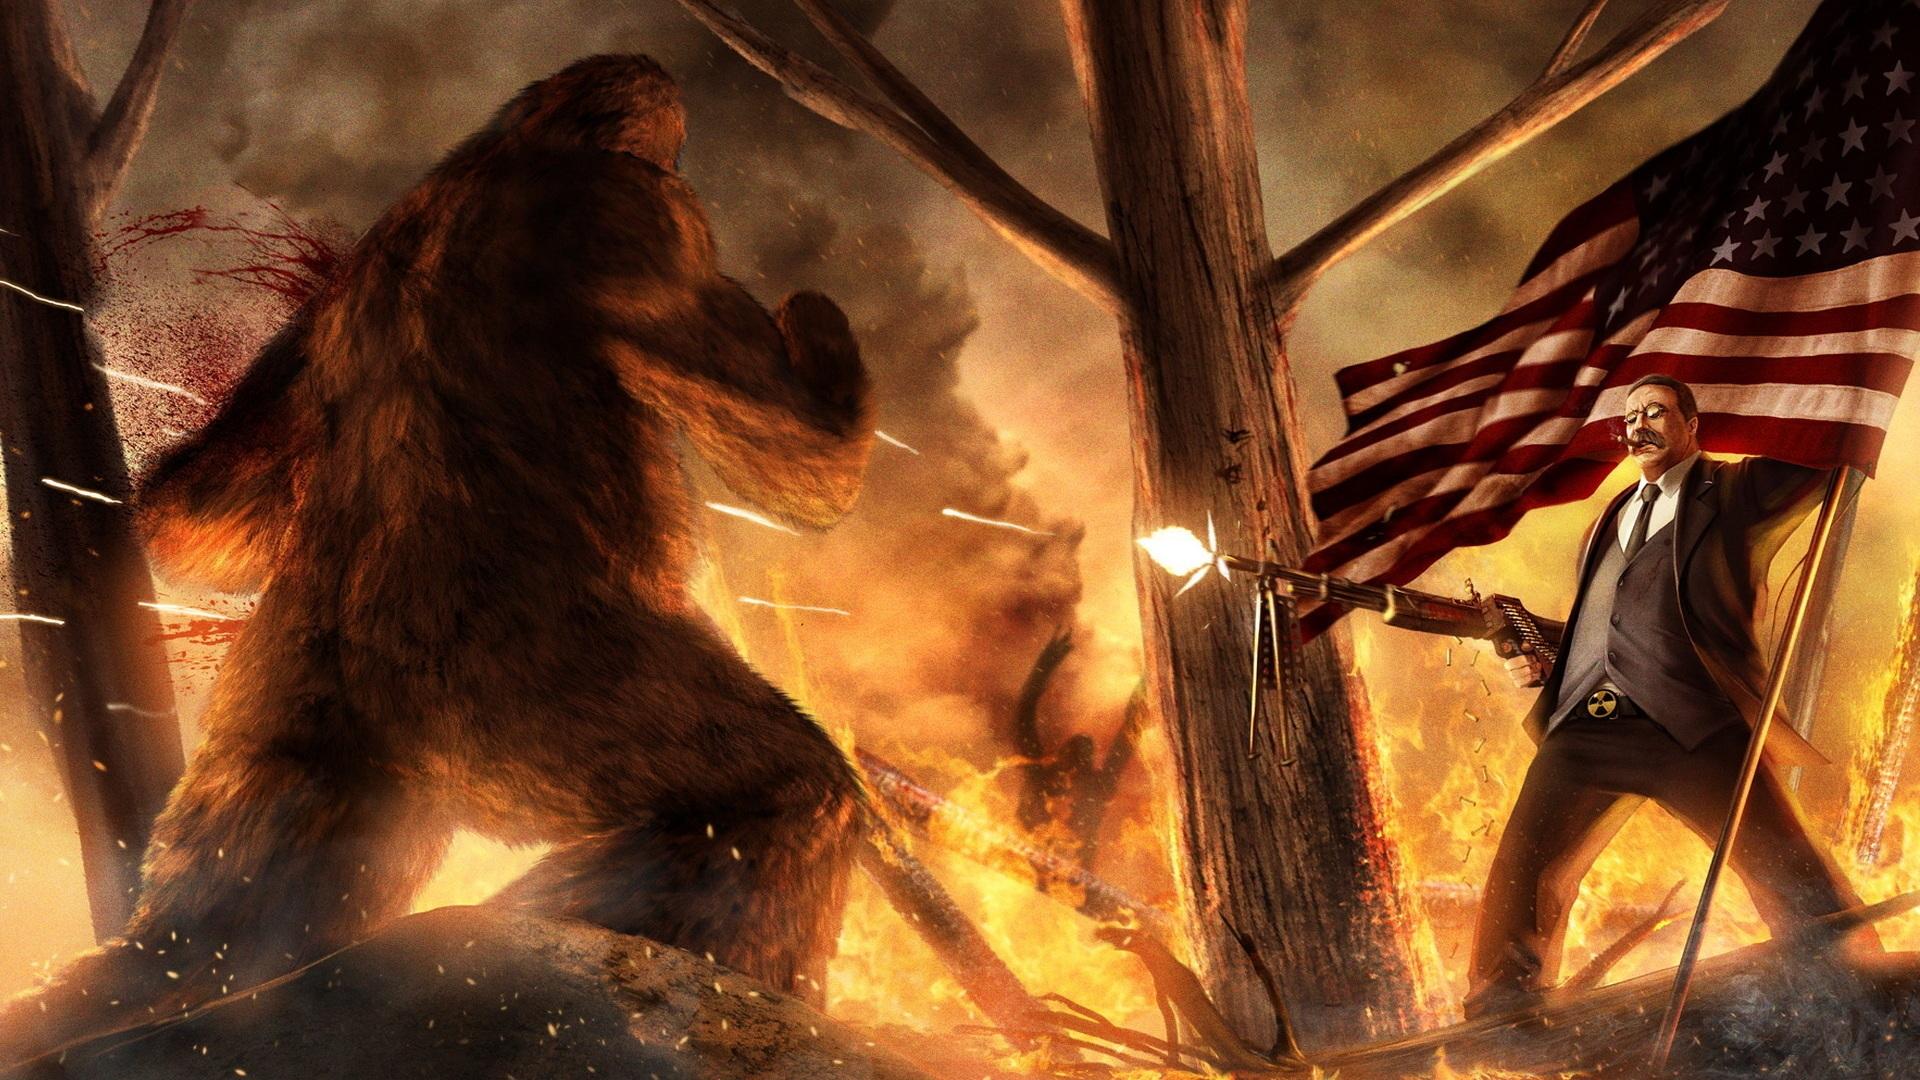 Not a bear  Not a gatling gun  Jssayin - #46617303 added by